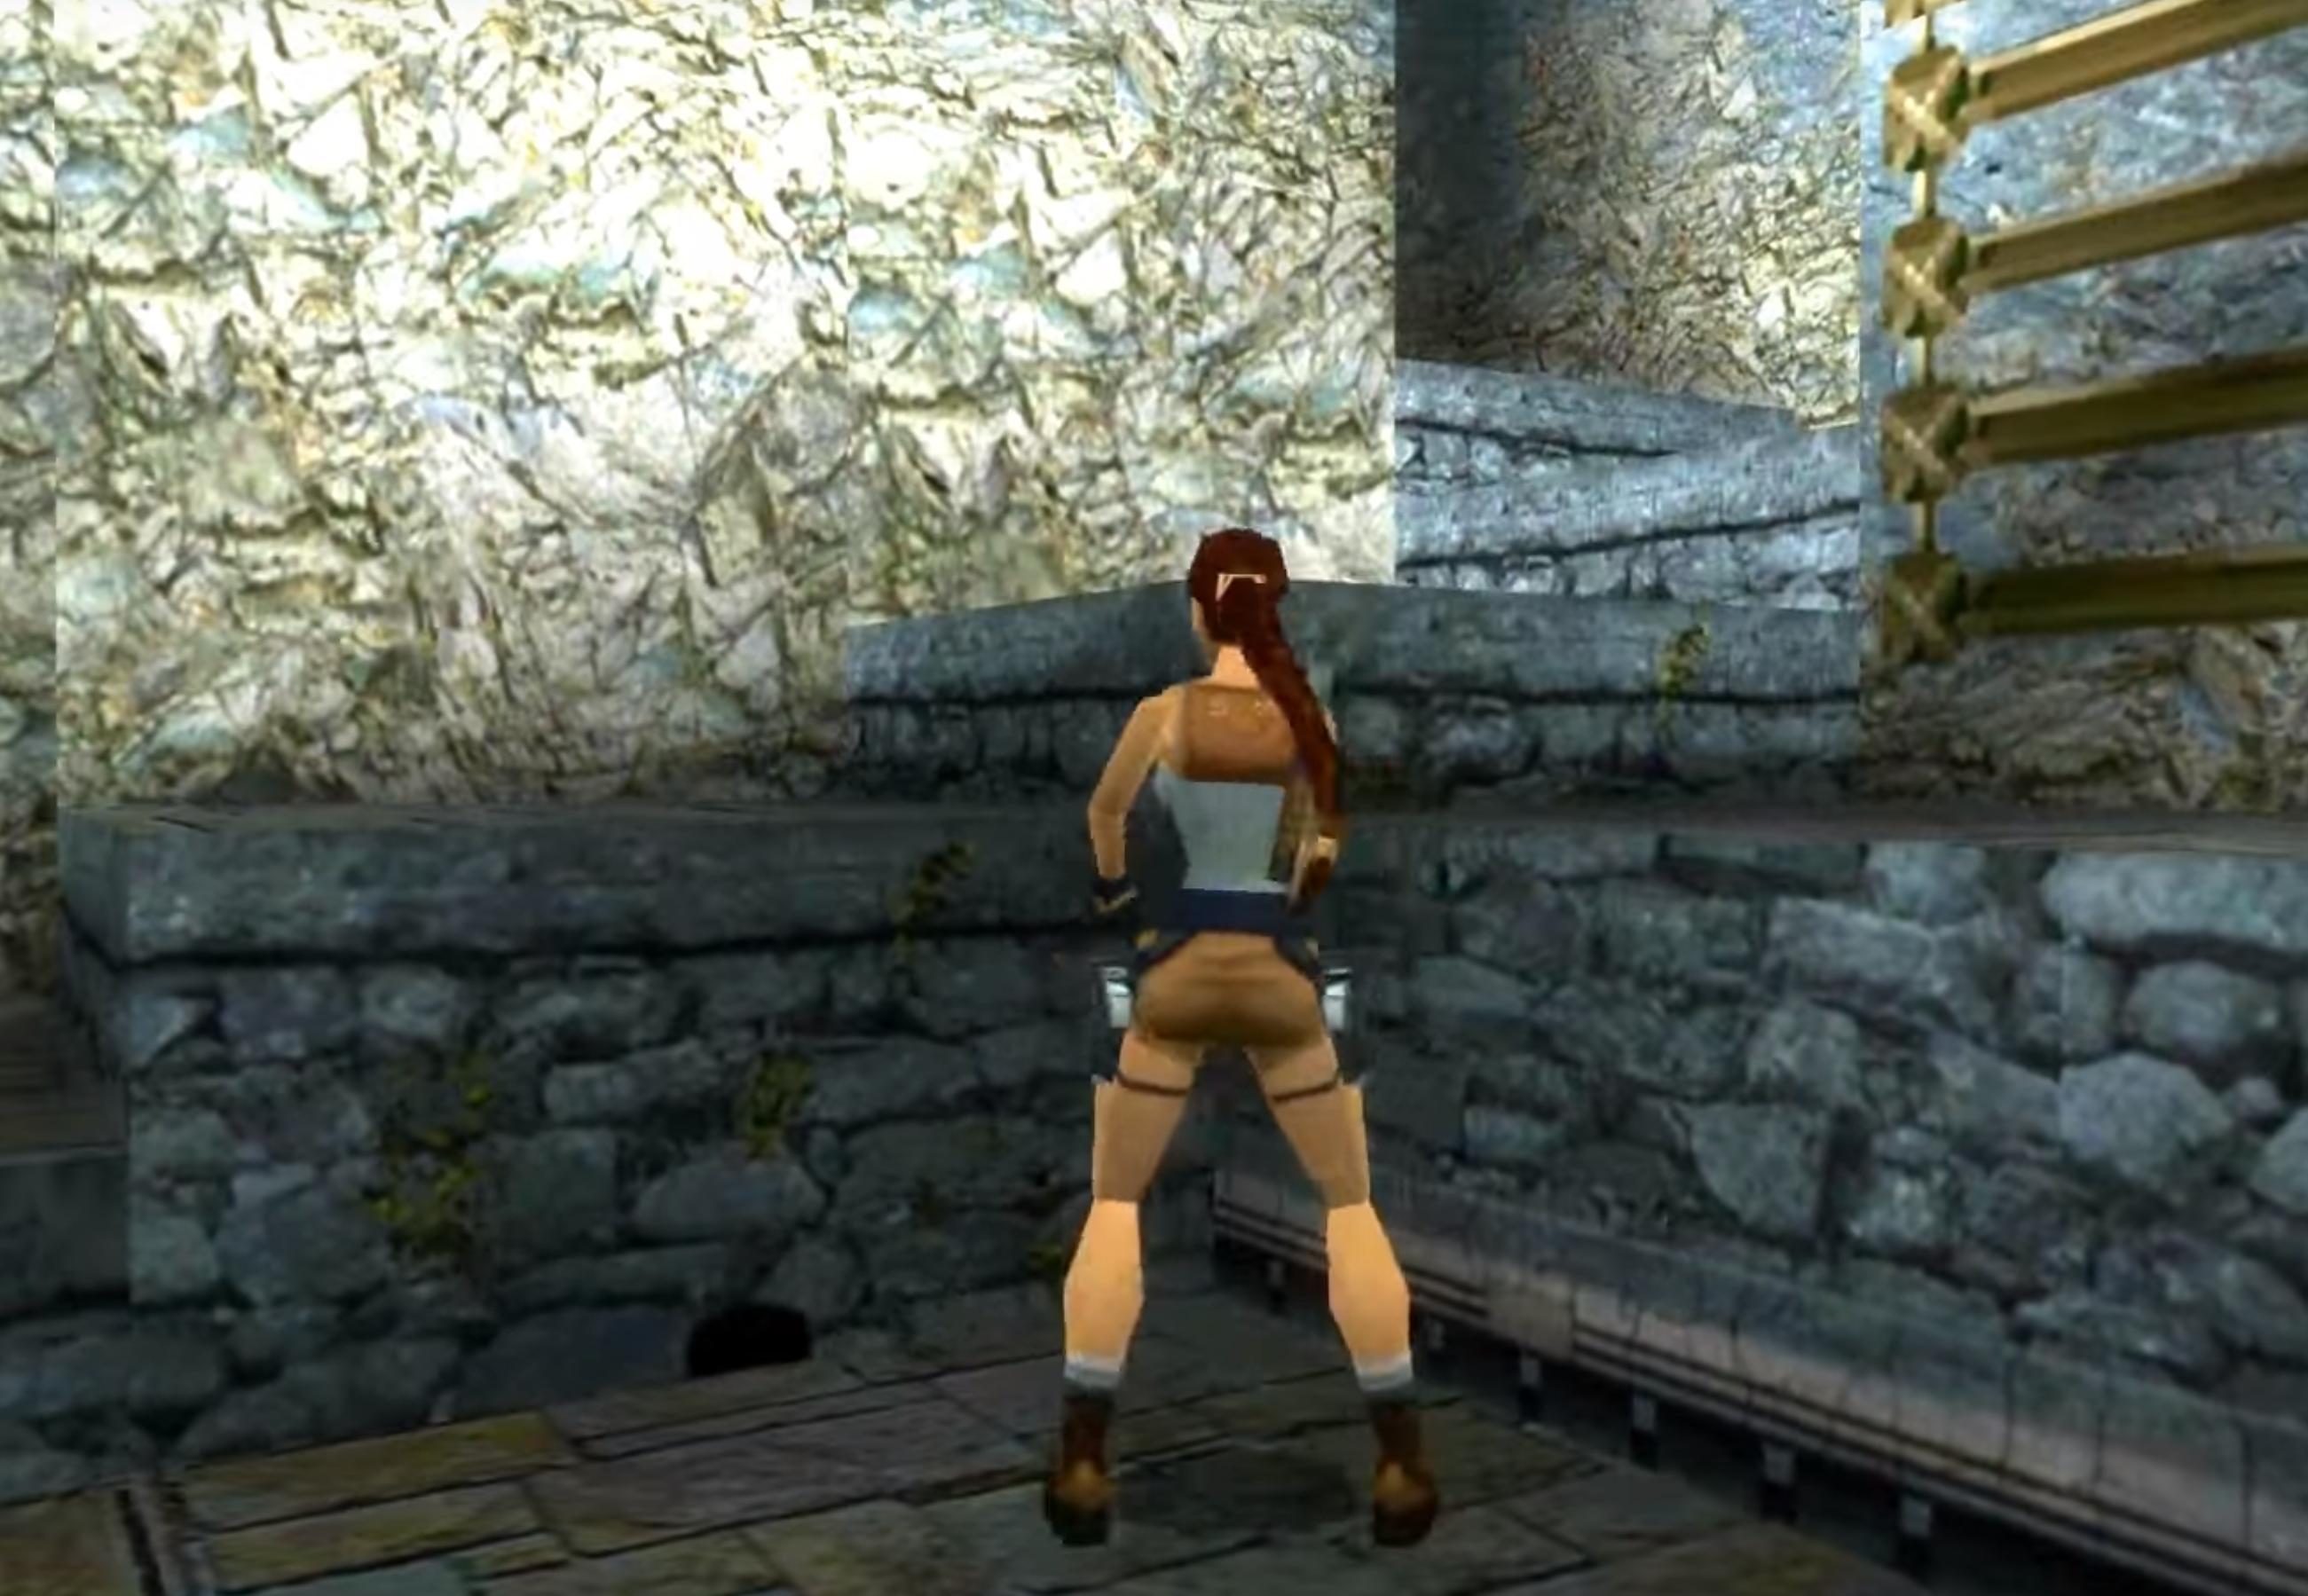 Naše Smluvní podmínky budou 22. července 2019 aktualizovány.Tomb Raider Czech & Slovakia - YouTubehttps://youtube.com/channel/UCVEtT8Xn9qkVDPp2qtcJTjgOficiální YouTube kanál české a slivenské fan stránky věnující se videoherní sérii TOMB Raider. Místo pro všechny nadšence, zvídavé objevitele i hráče - vete...